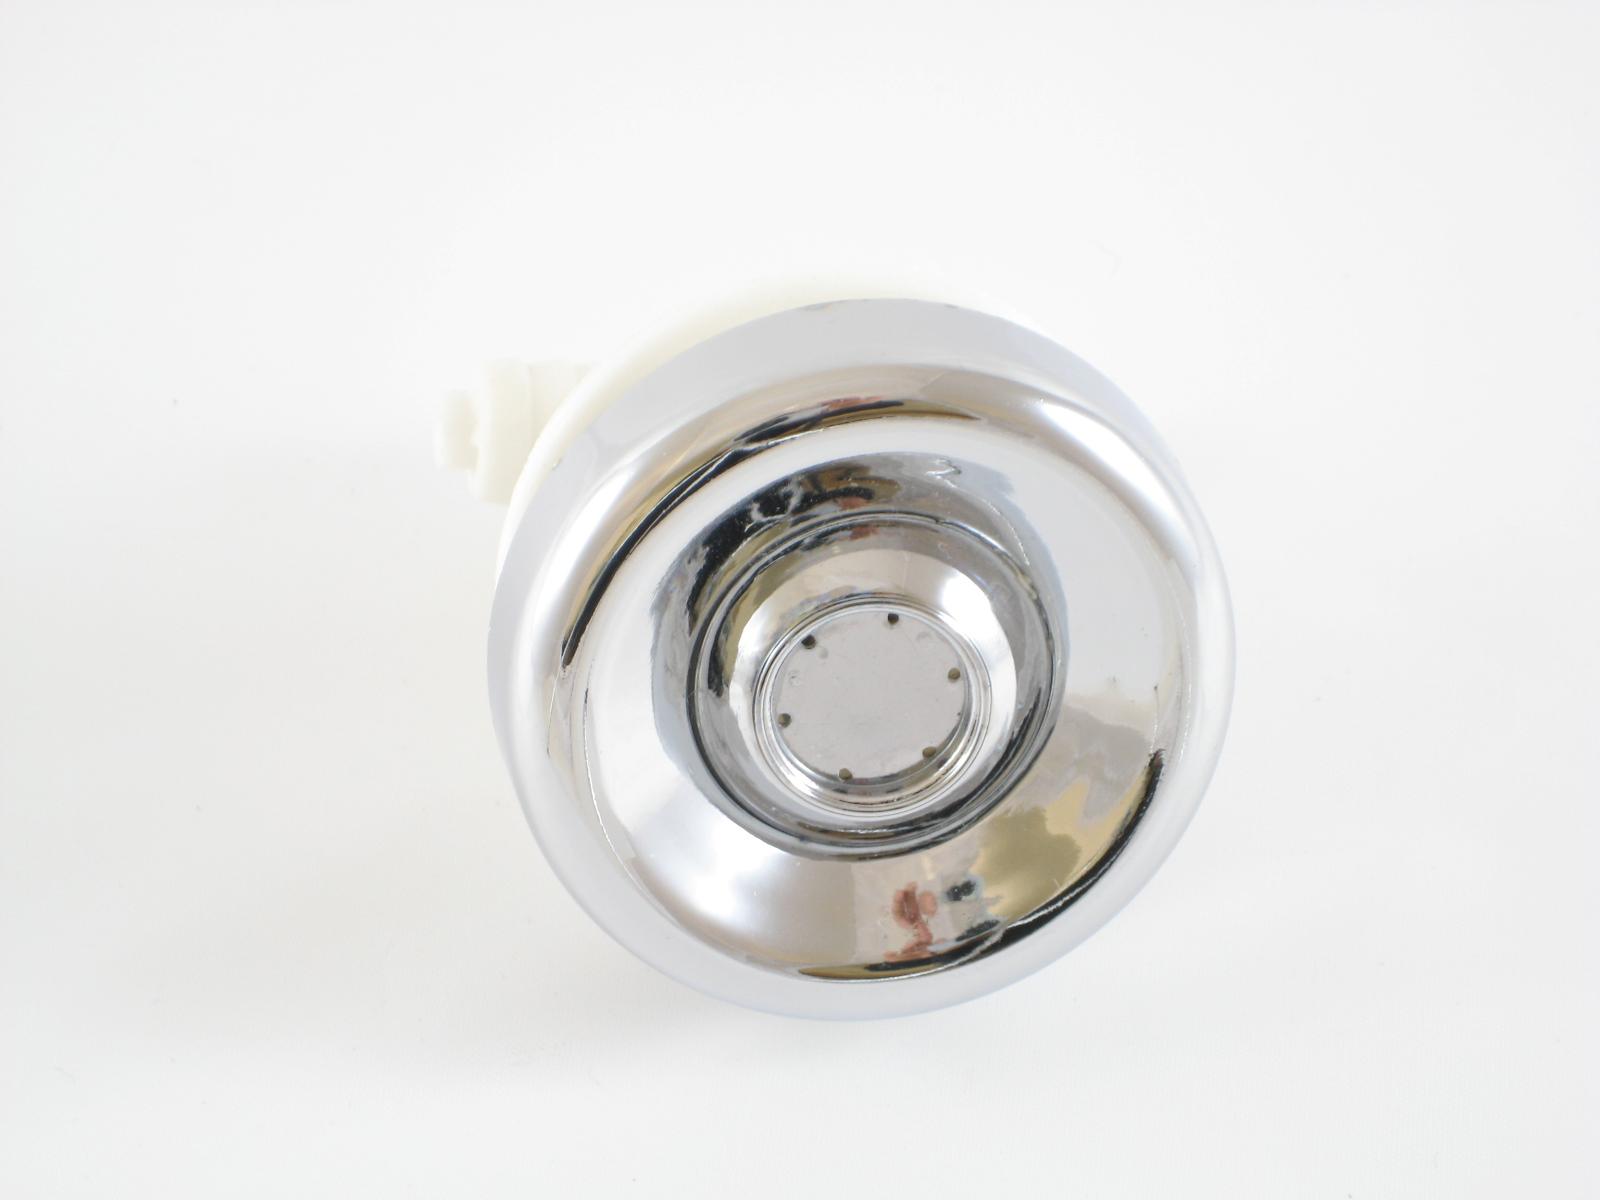 Buse de fin de circuit de diamètre 36mm et à tête chrome